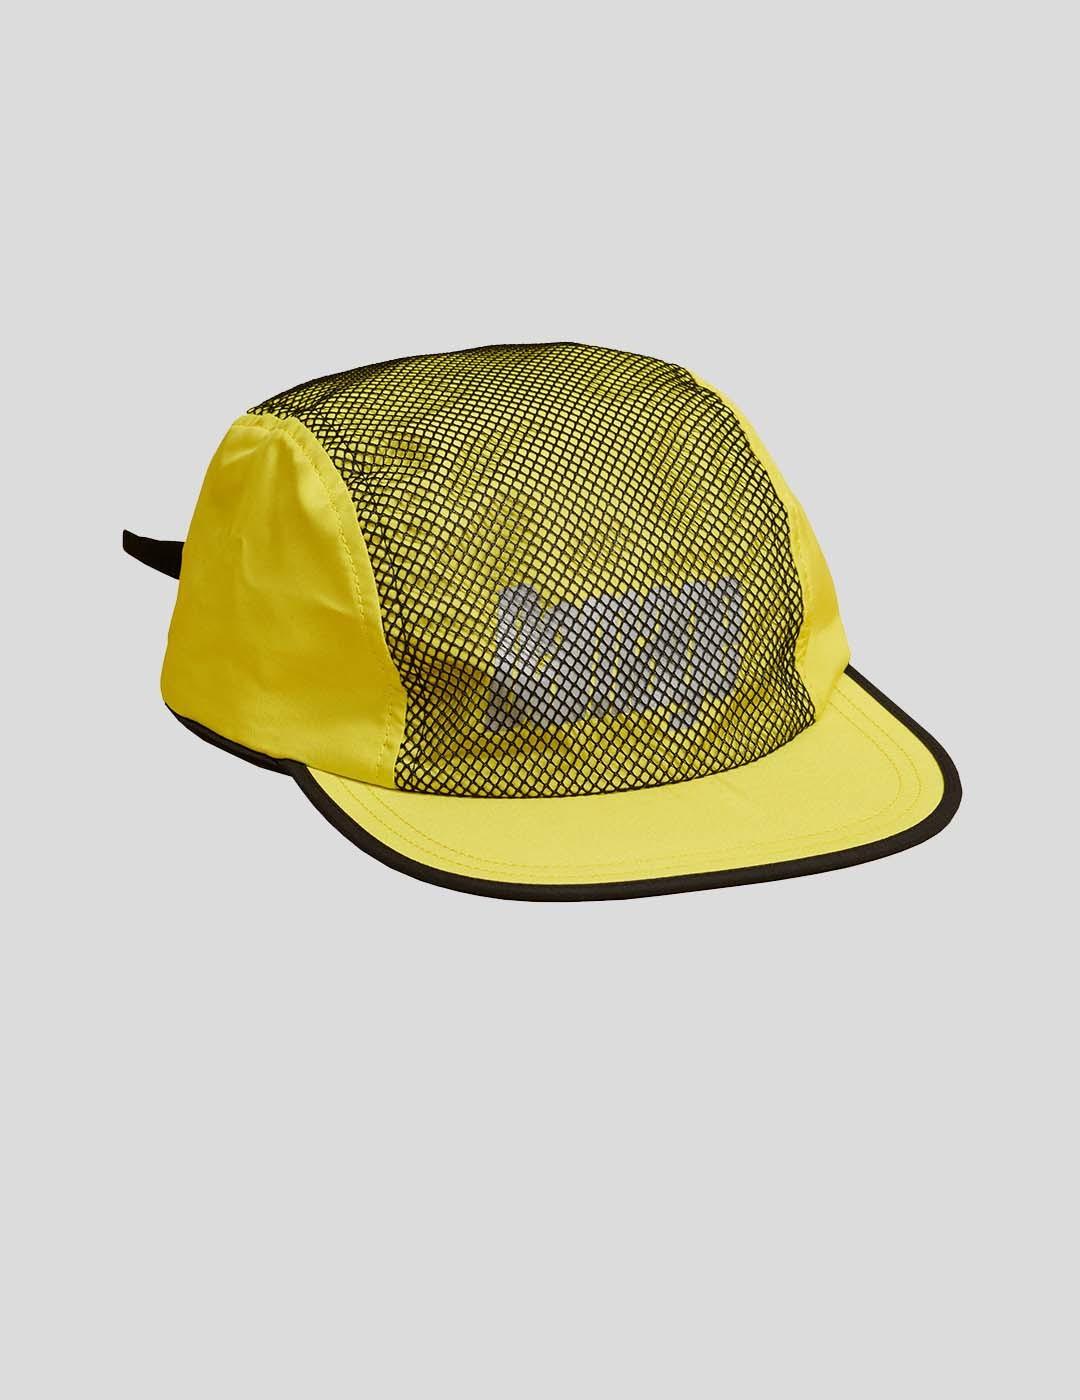 GORRA DAMAGE 3 PANEL CAP YELLOW